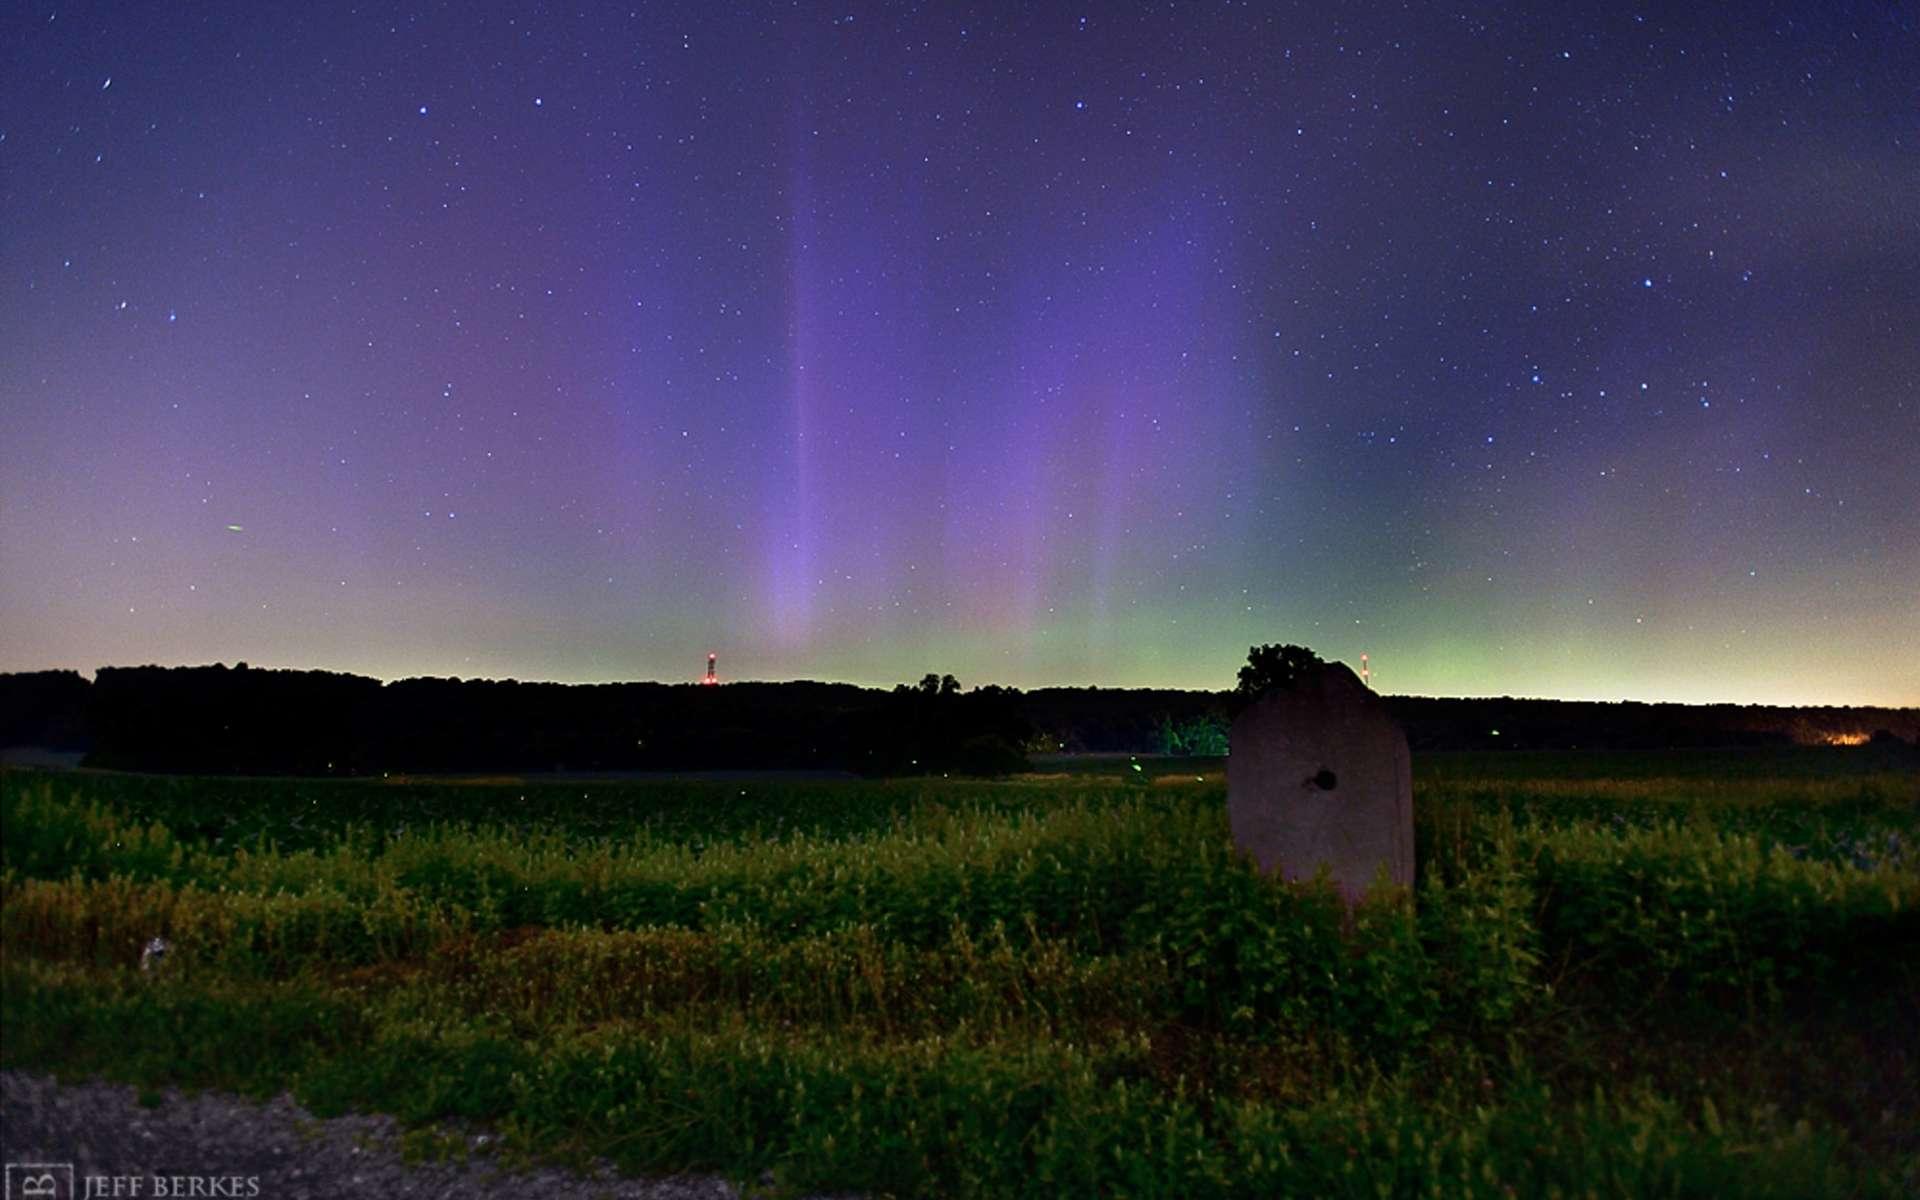 Aurore boréale photographiée le 23 juin 2015, à environ 50 km à l'ouest de Philadelphie, aux États-Unis. L'éjection de masse coronale (survenue sur le Soleil le 20 juin) a créé le surlendemain une tempête géomagnétique classée G4. Le 22 juin, notre Planète fut arrosée de rayons cosmiques durant deux heures. © Jeff Berkes